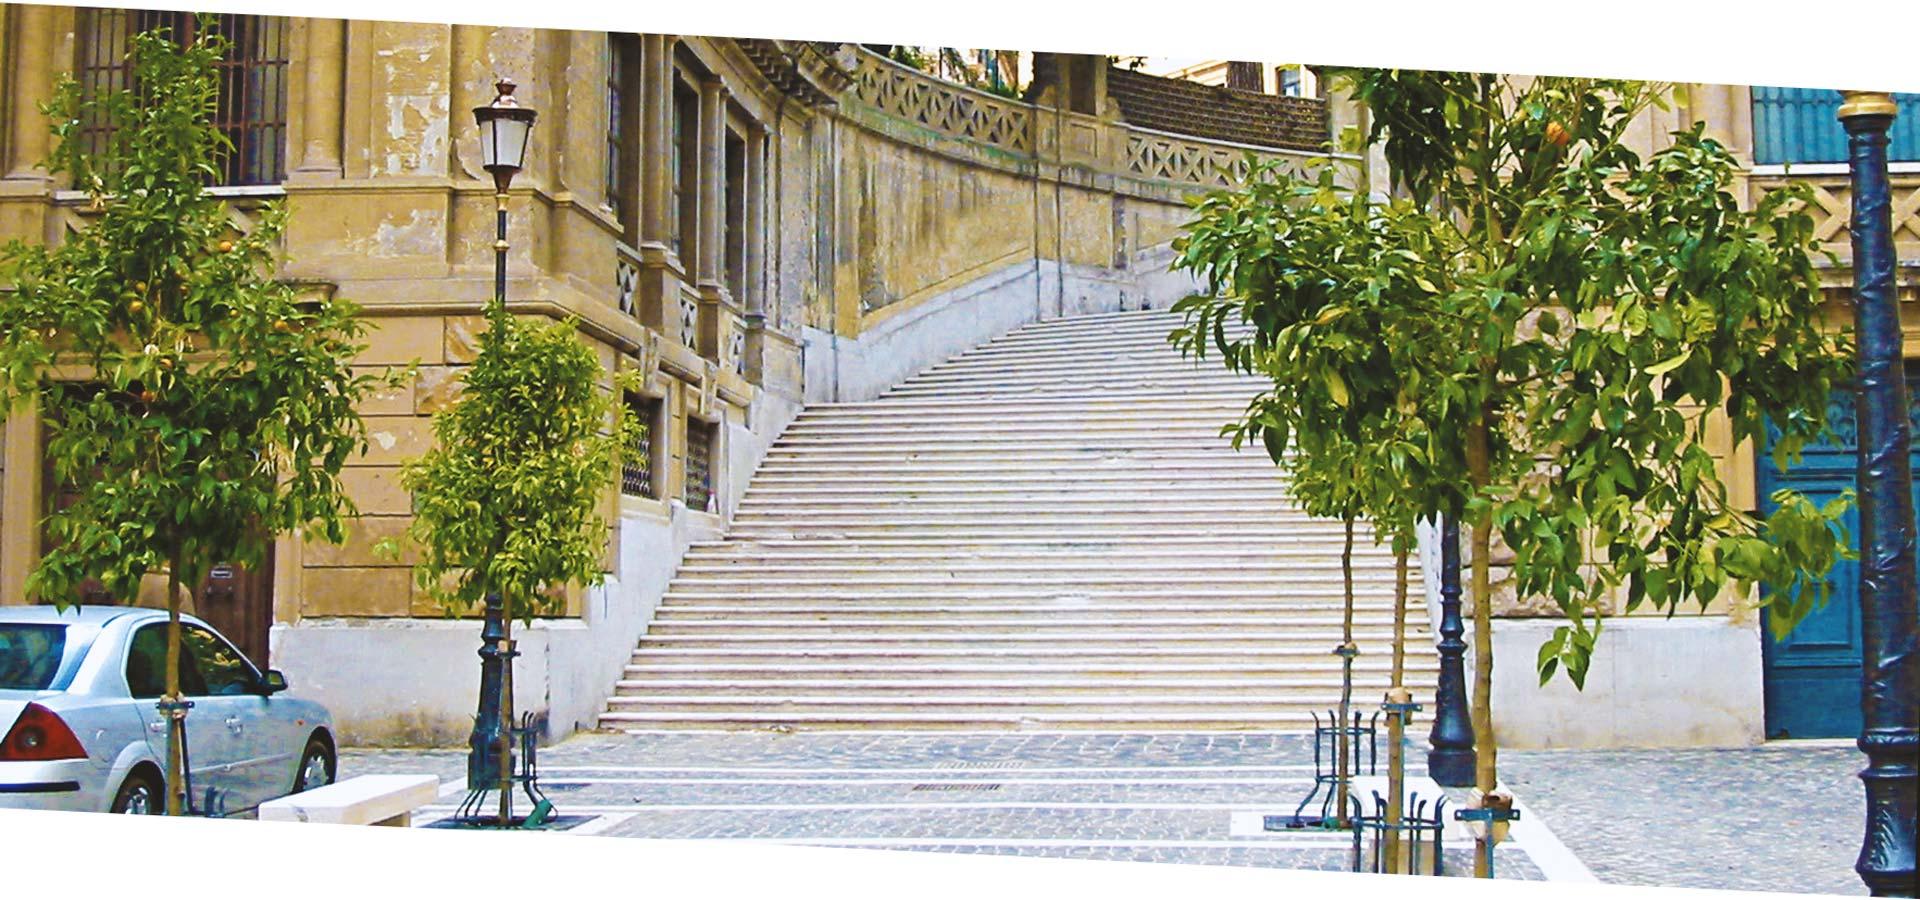 La scala in Piazza Iside è stata pulita e restaurata